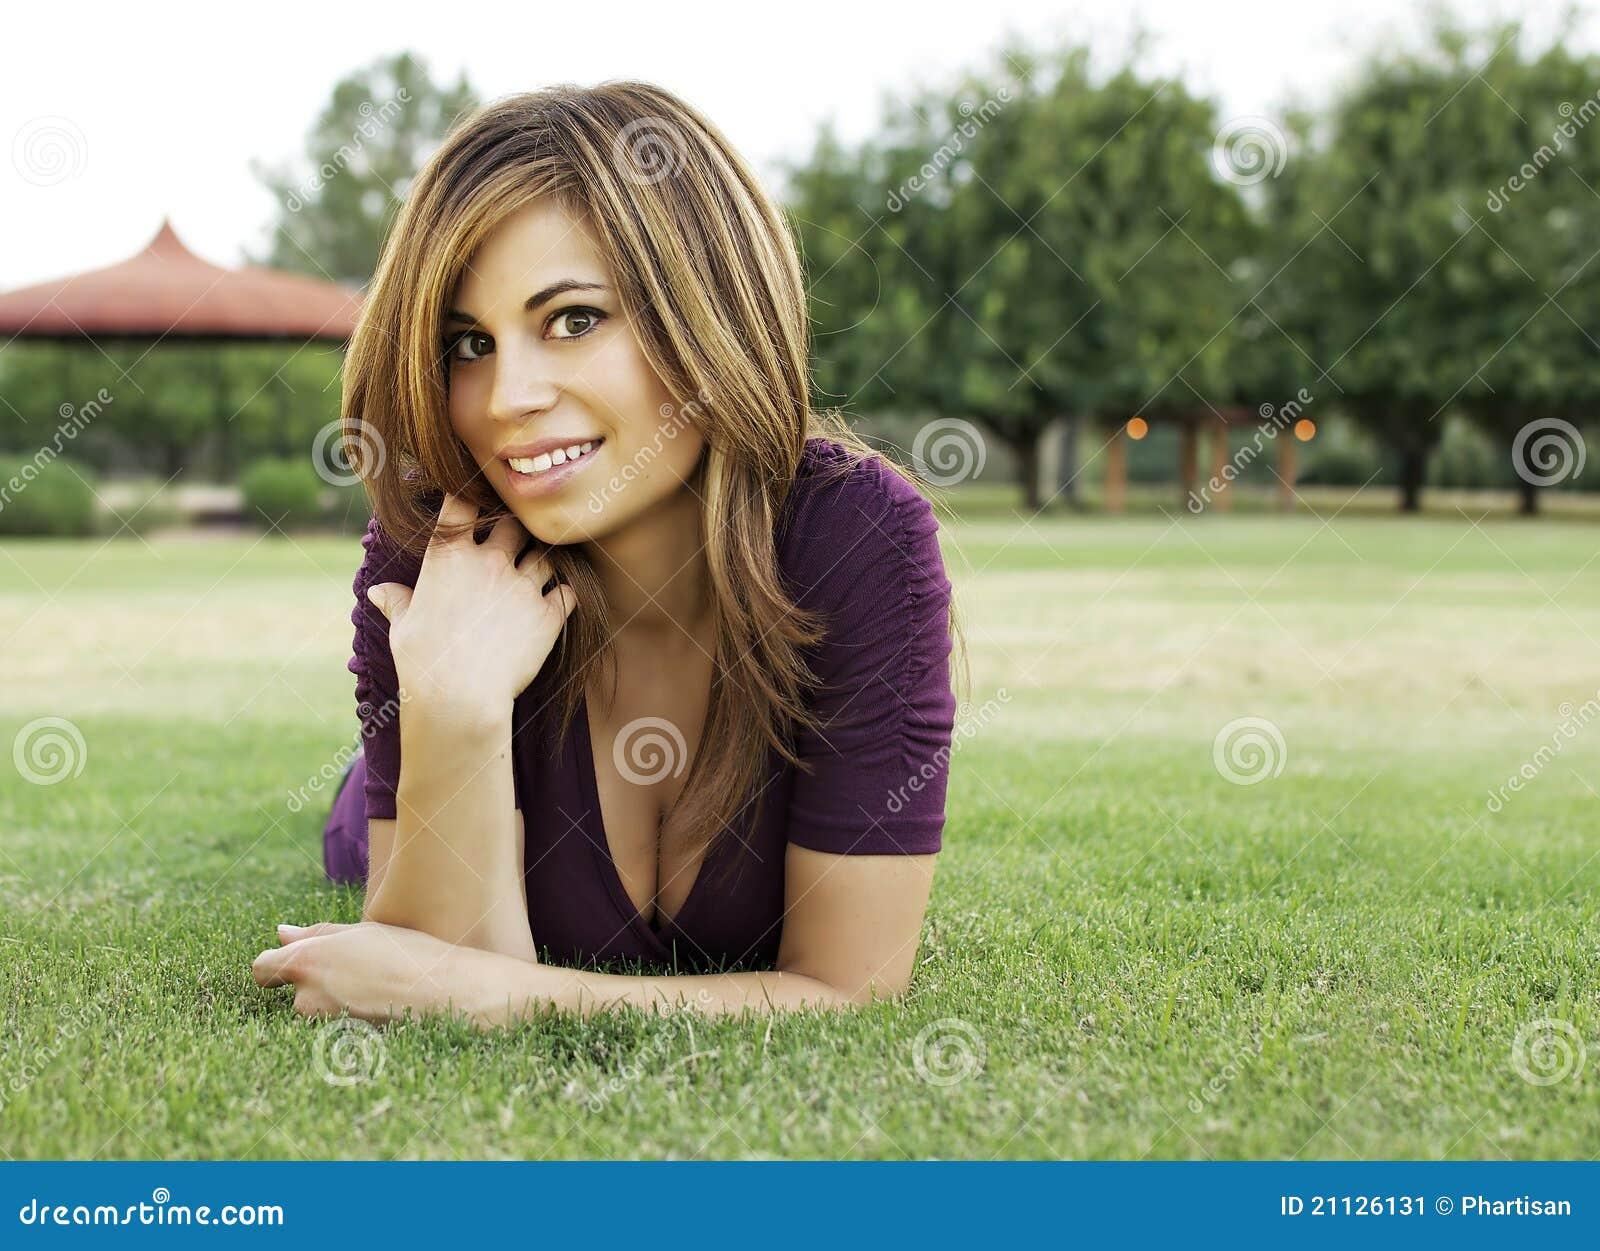 Femme célibataire en france